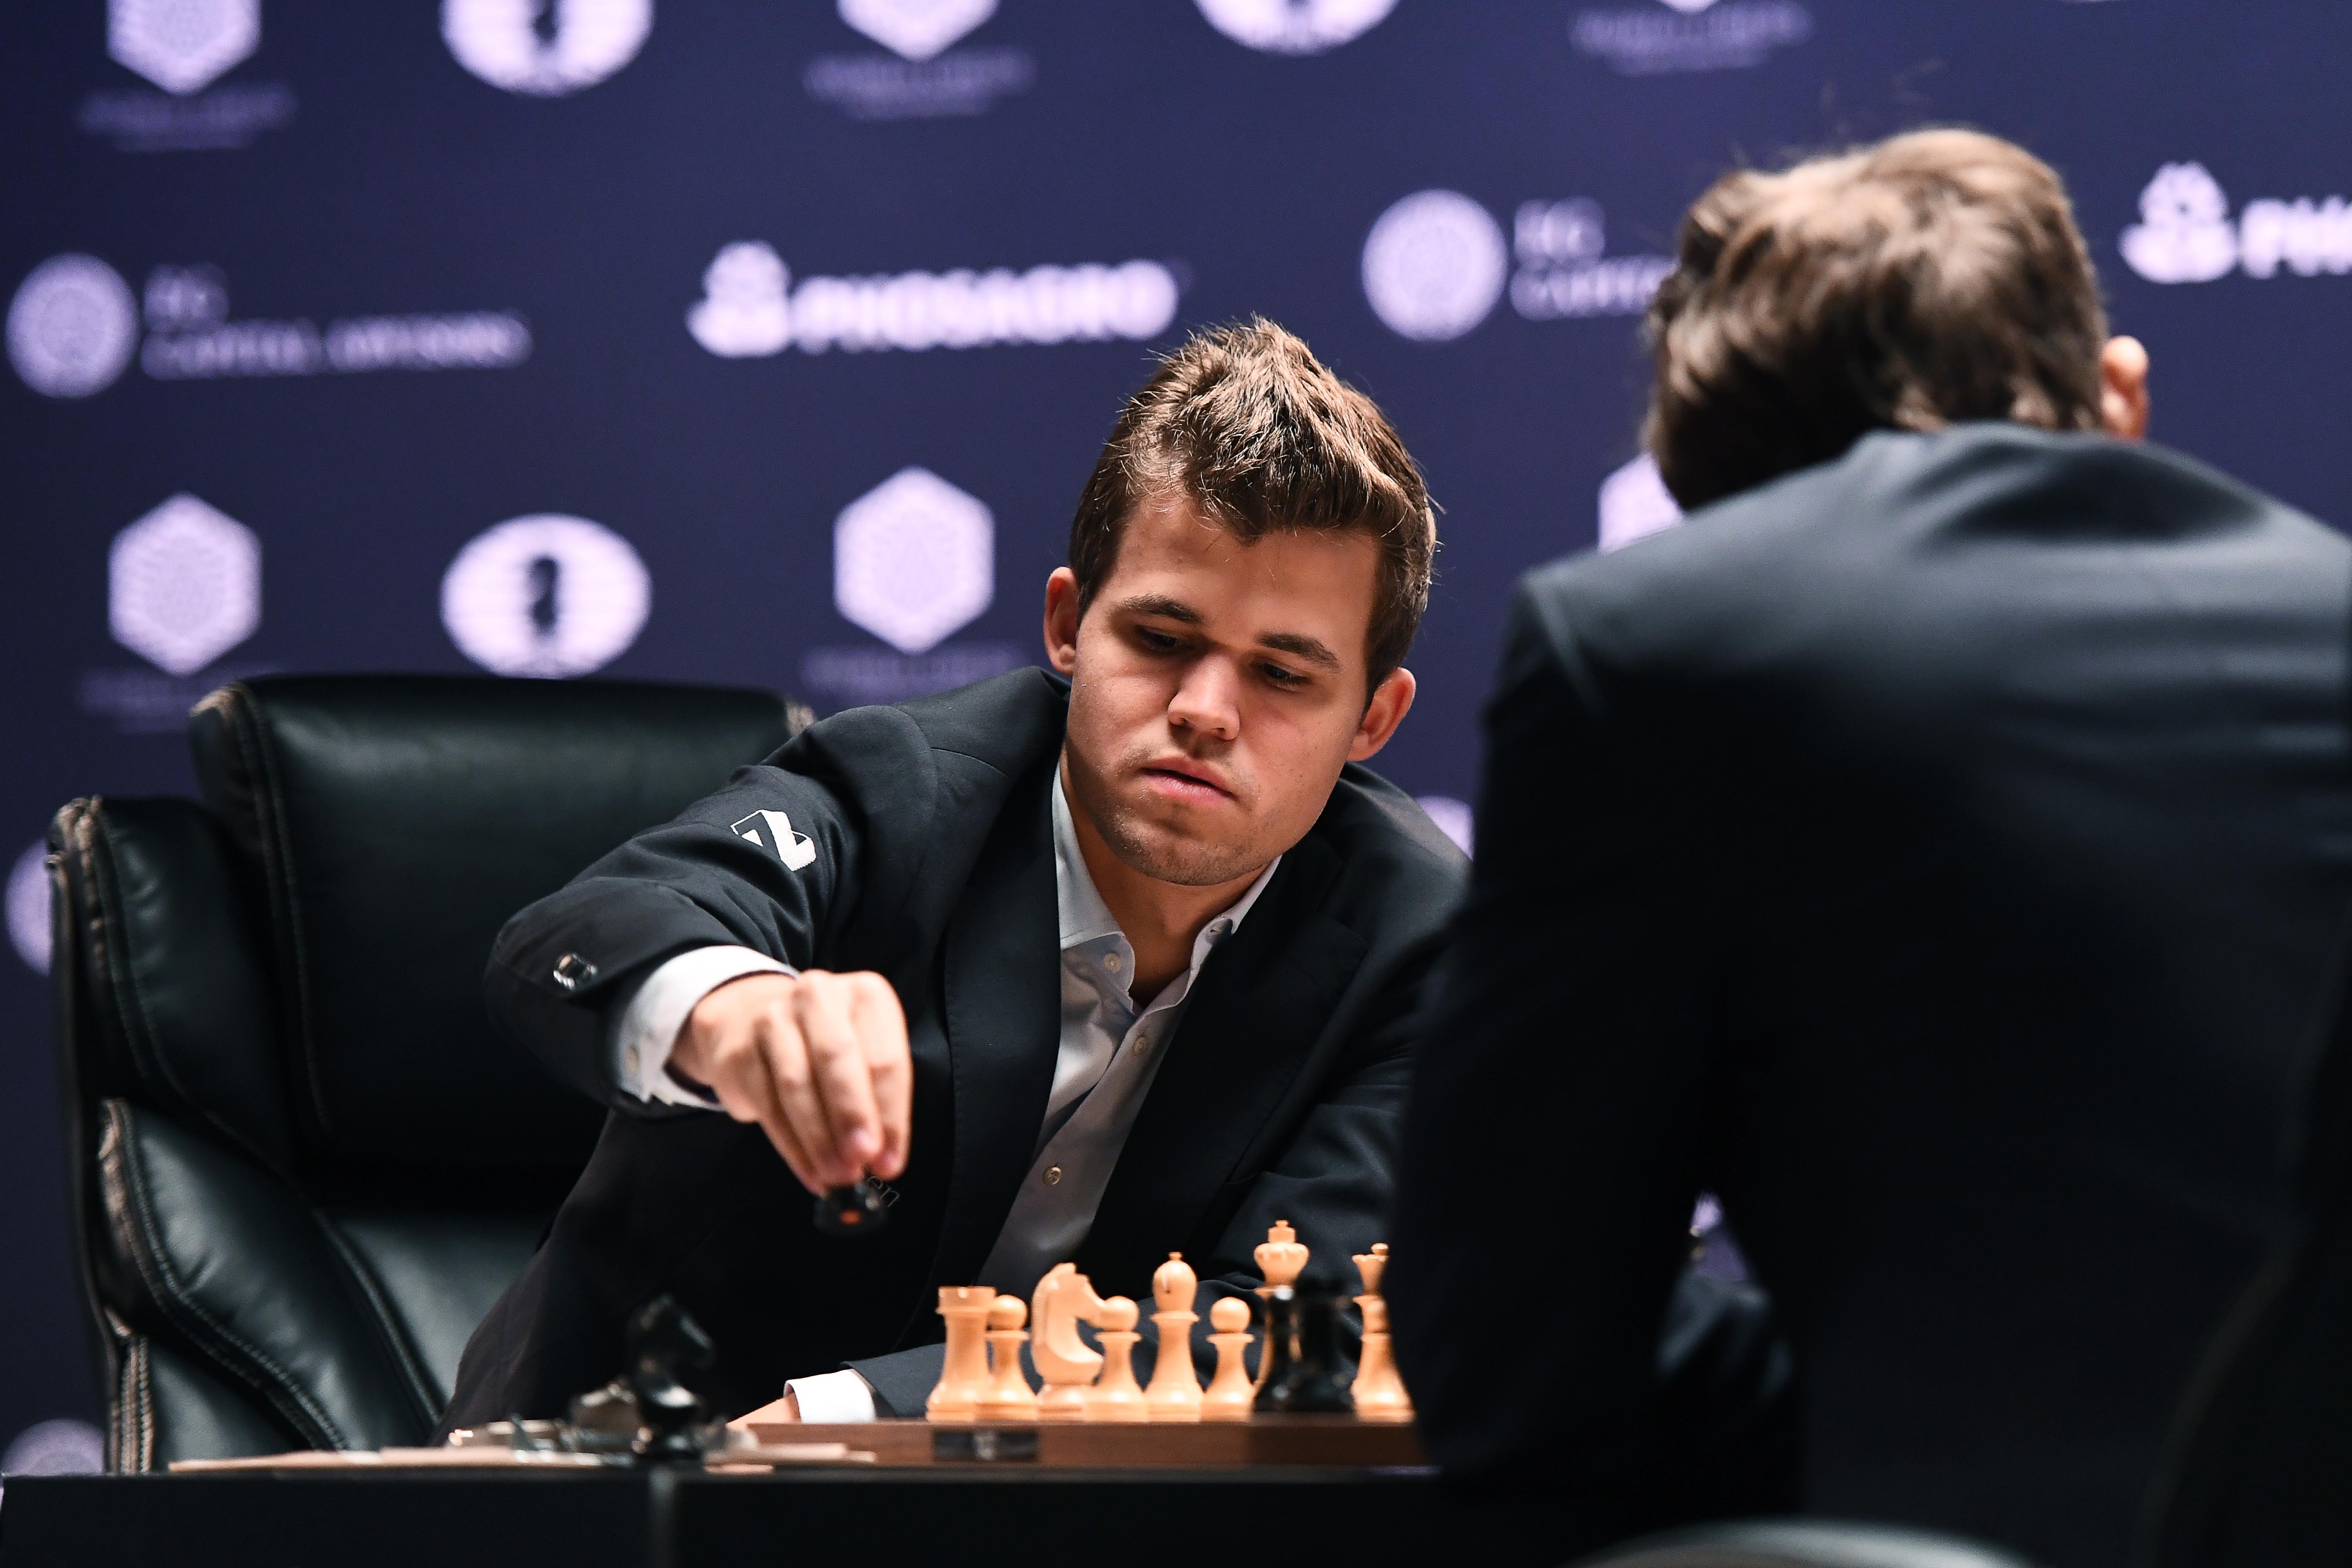 Magnus Carlsen a sakkvilágbajnok